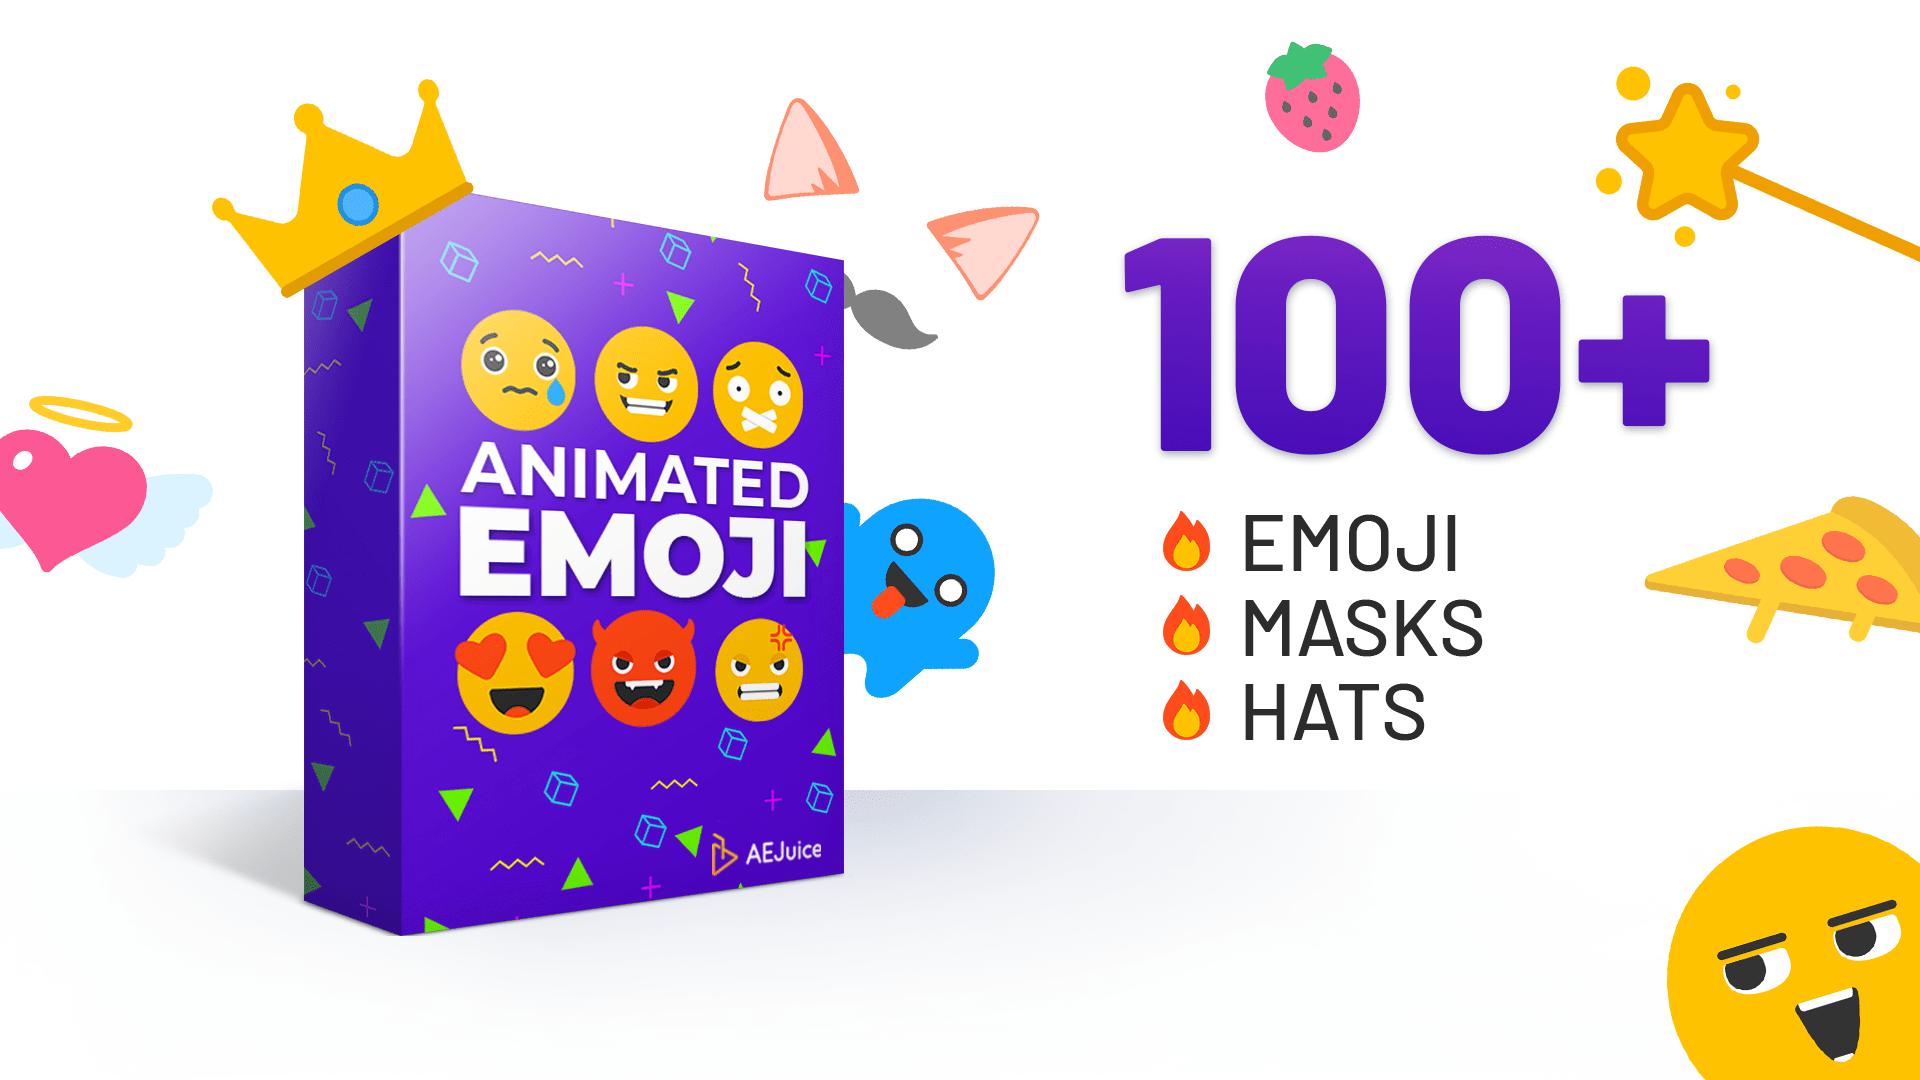 Animated Emoji